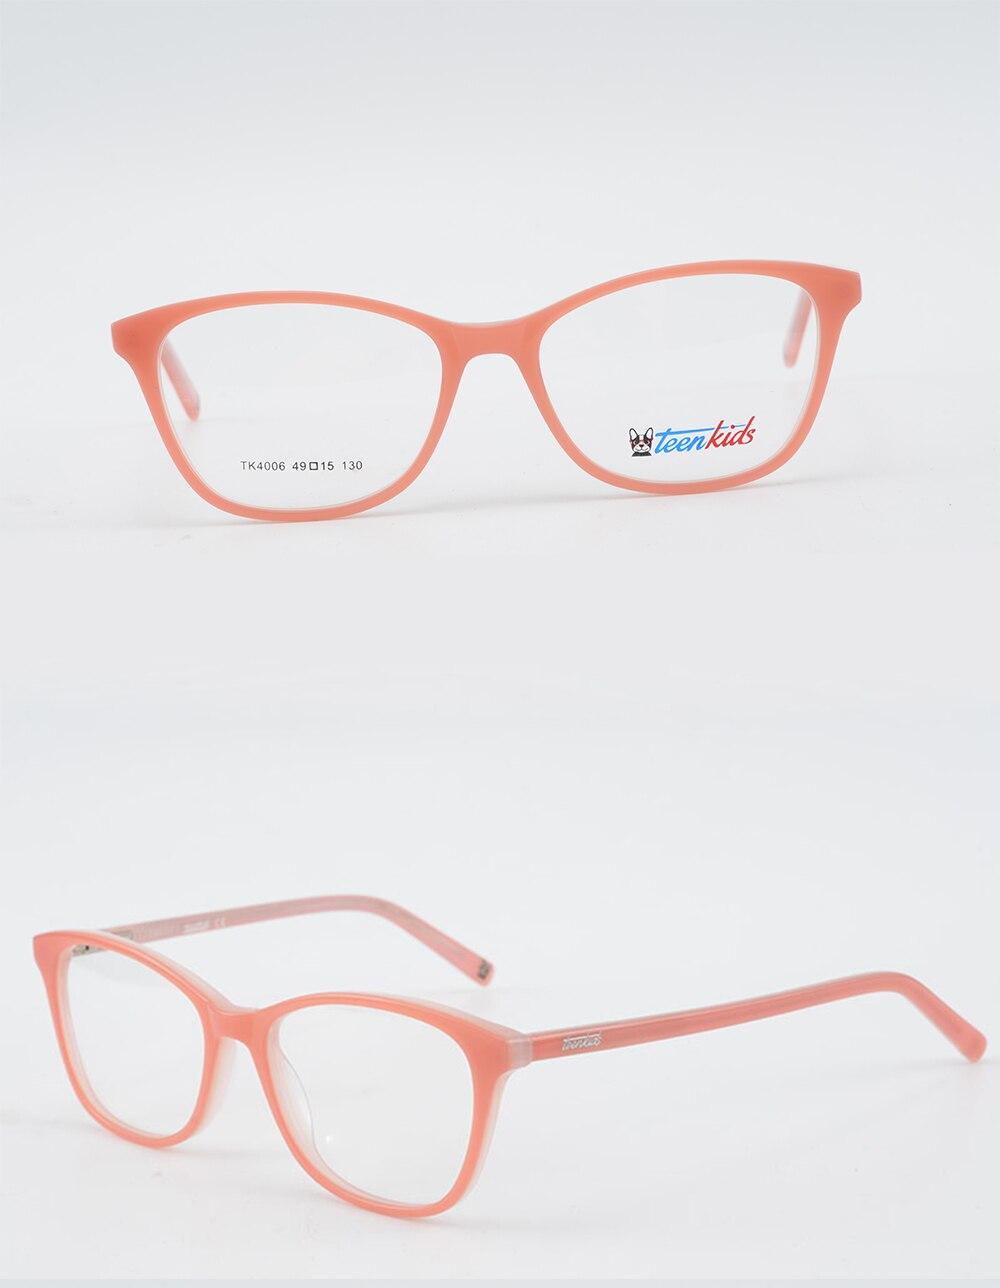 757fc71454 Kirka niños montura óptica gafas niñas y niños miopía gafas montura niños  gafas Marco de seguridad 2-12 año-